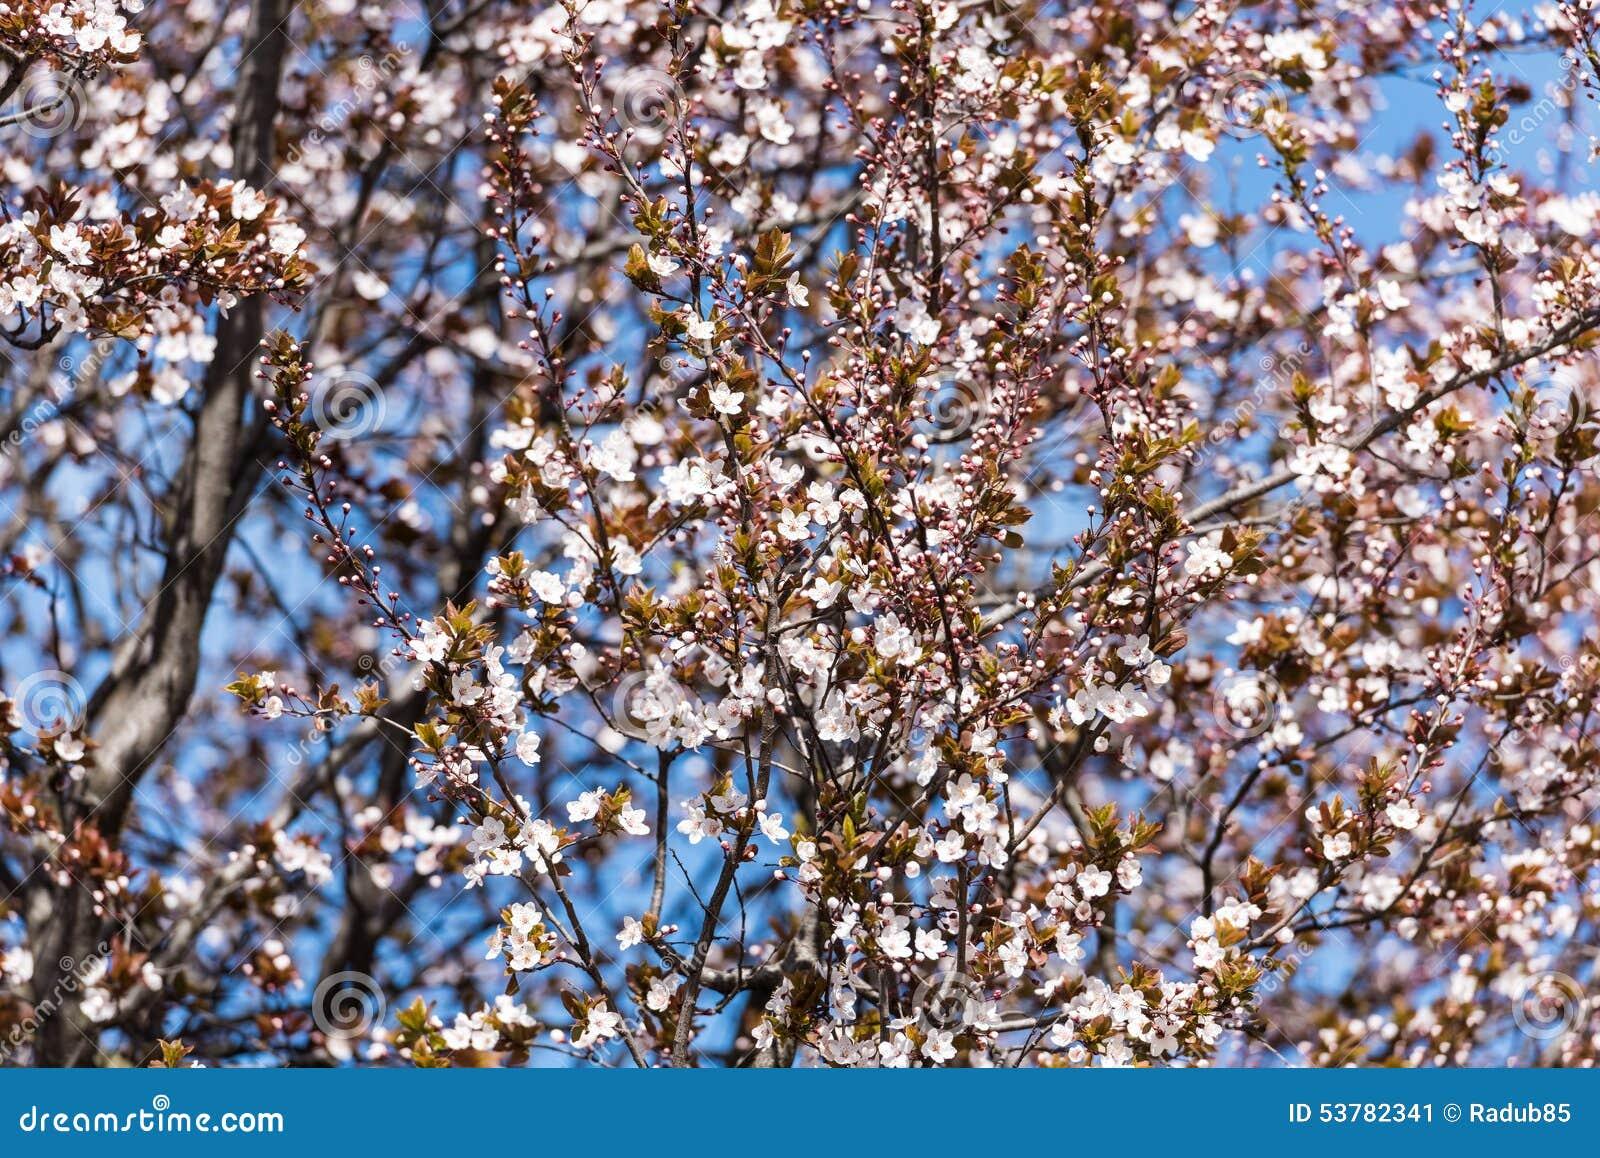 Śliwkowy drzewo Kwitnie W wiośnie